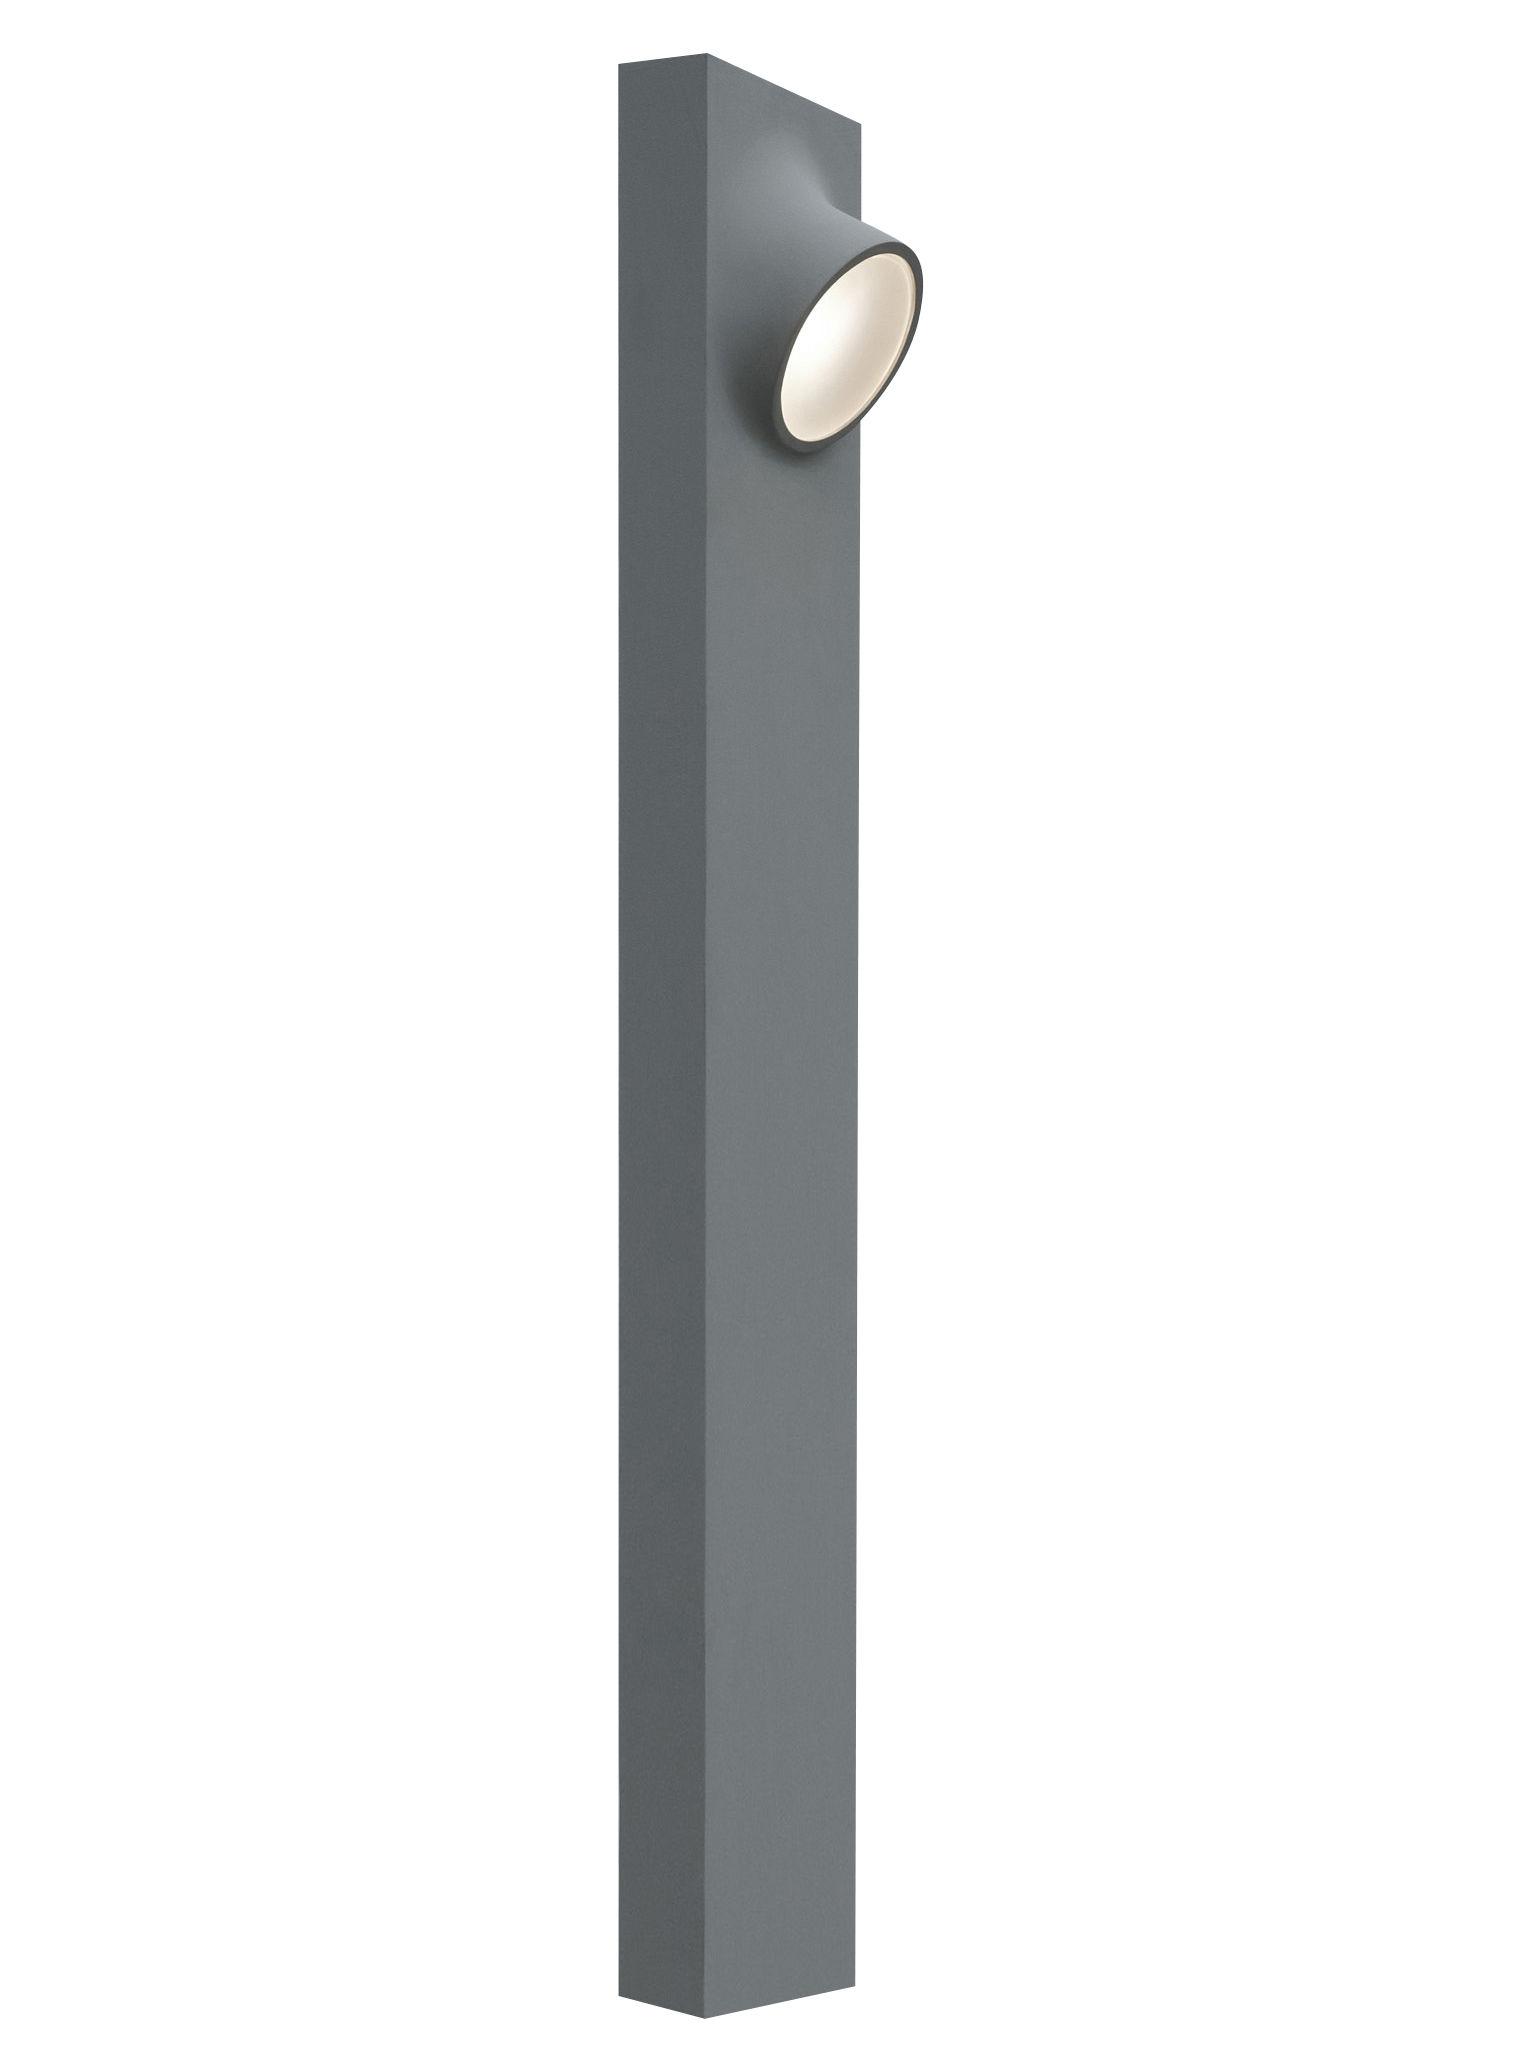 Lampadaire ciclope double led ext rieur h 90 cm gris for Luminaire exterieur double